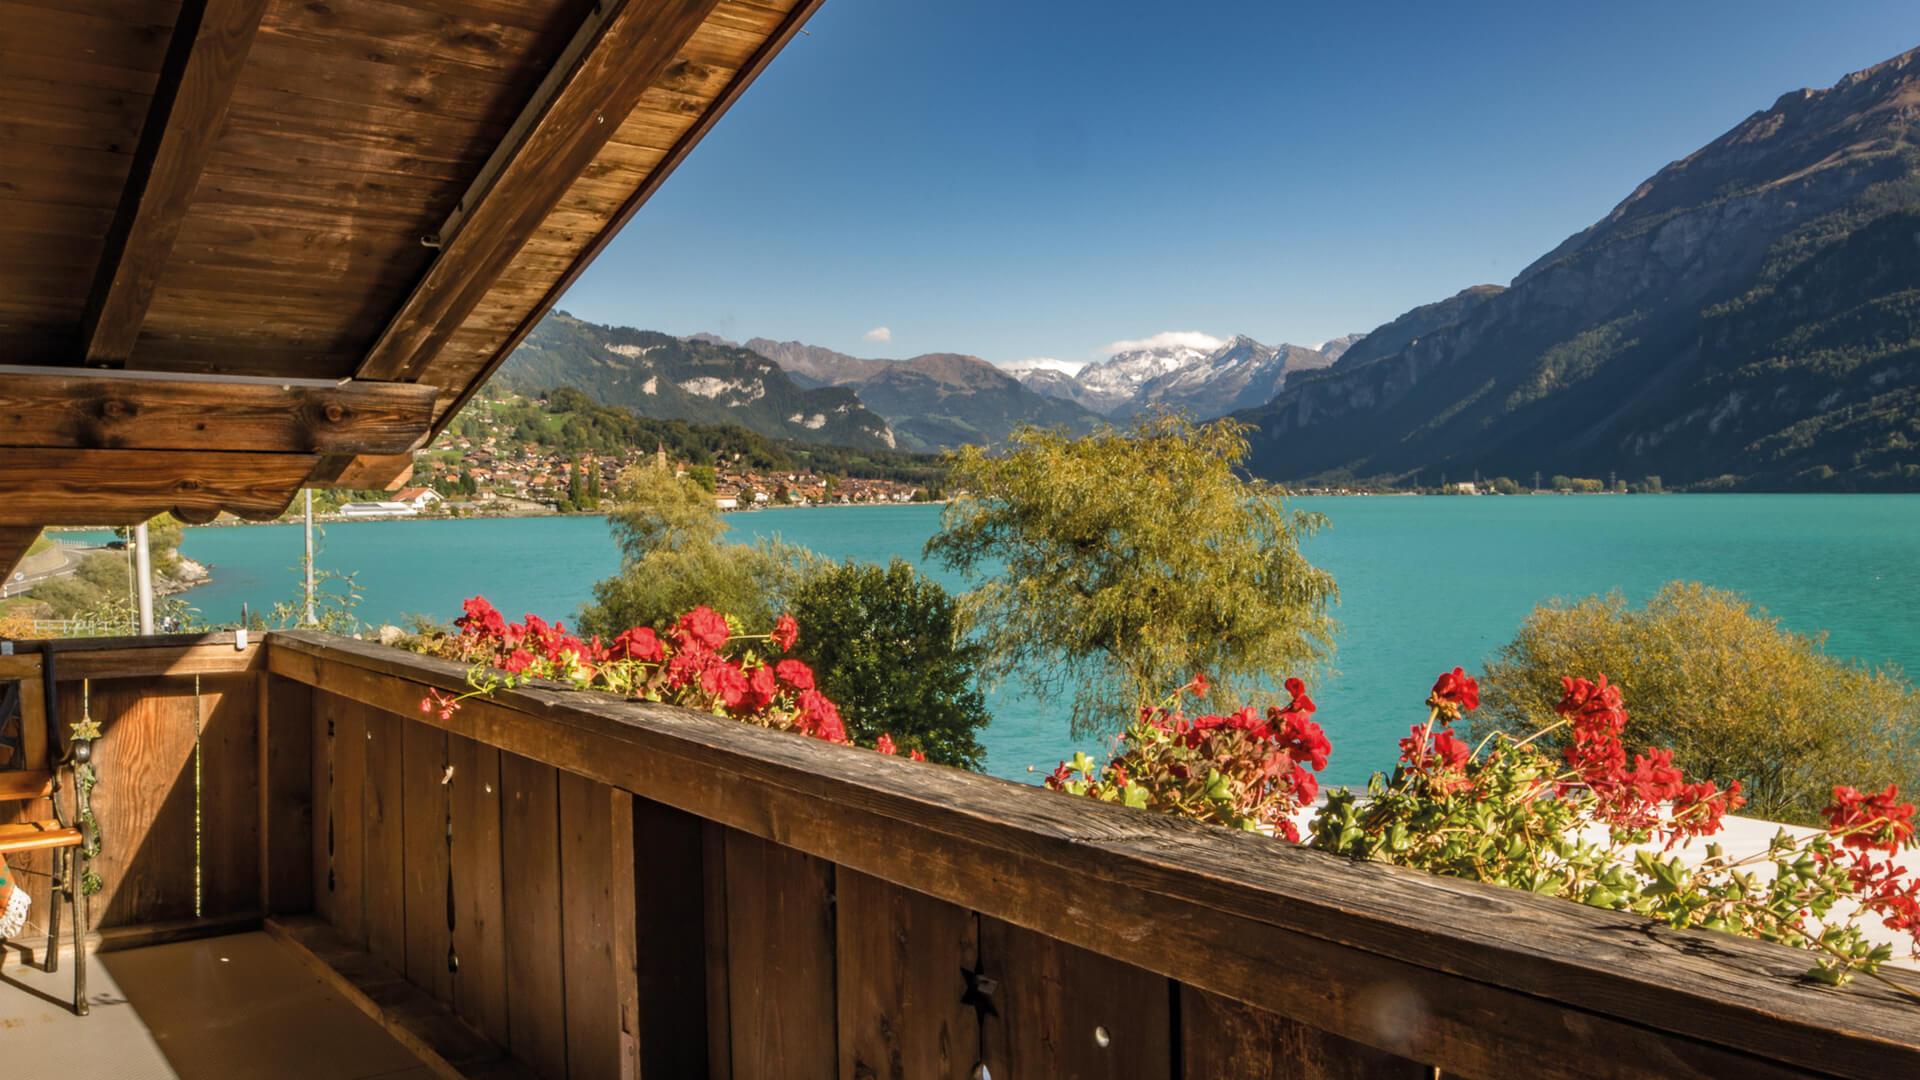 hotel-widibach-aussicht-balkon